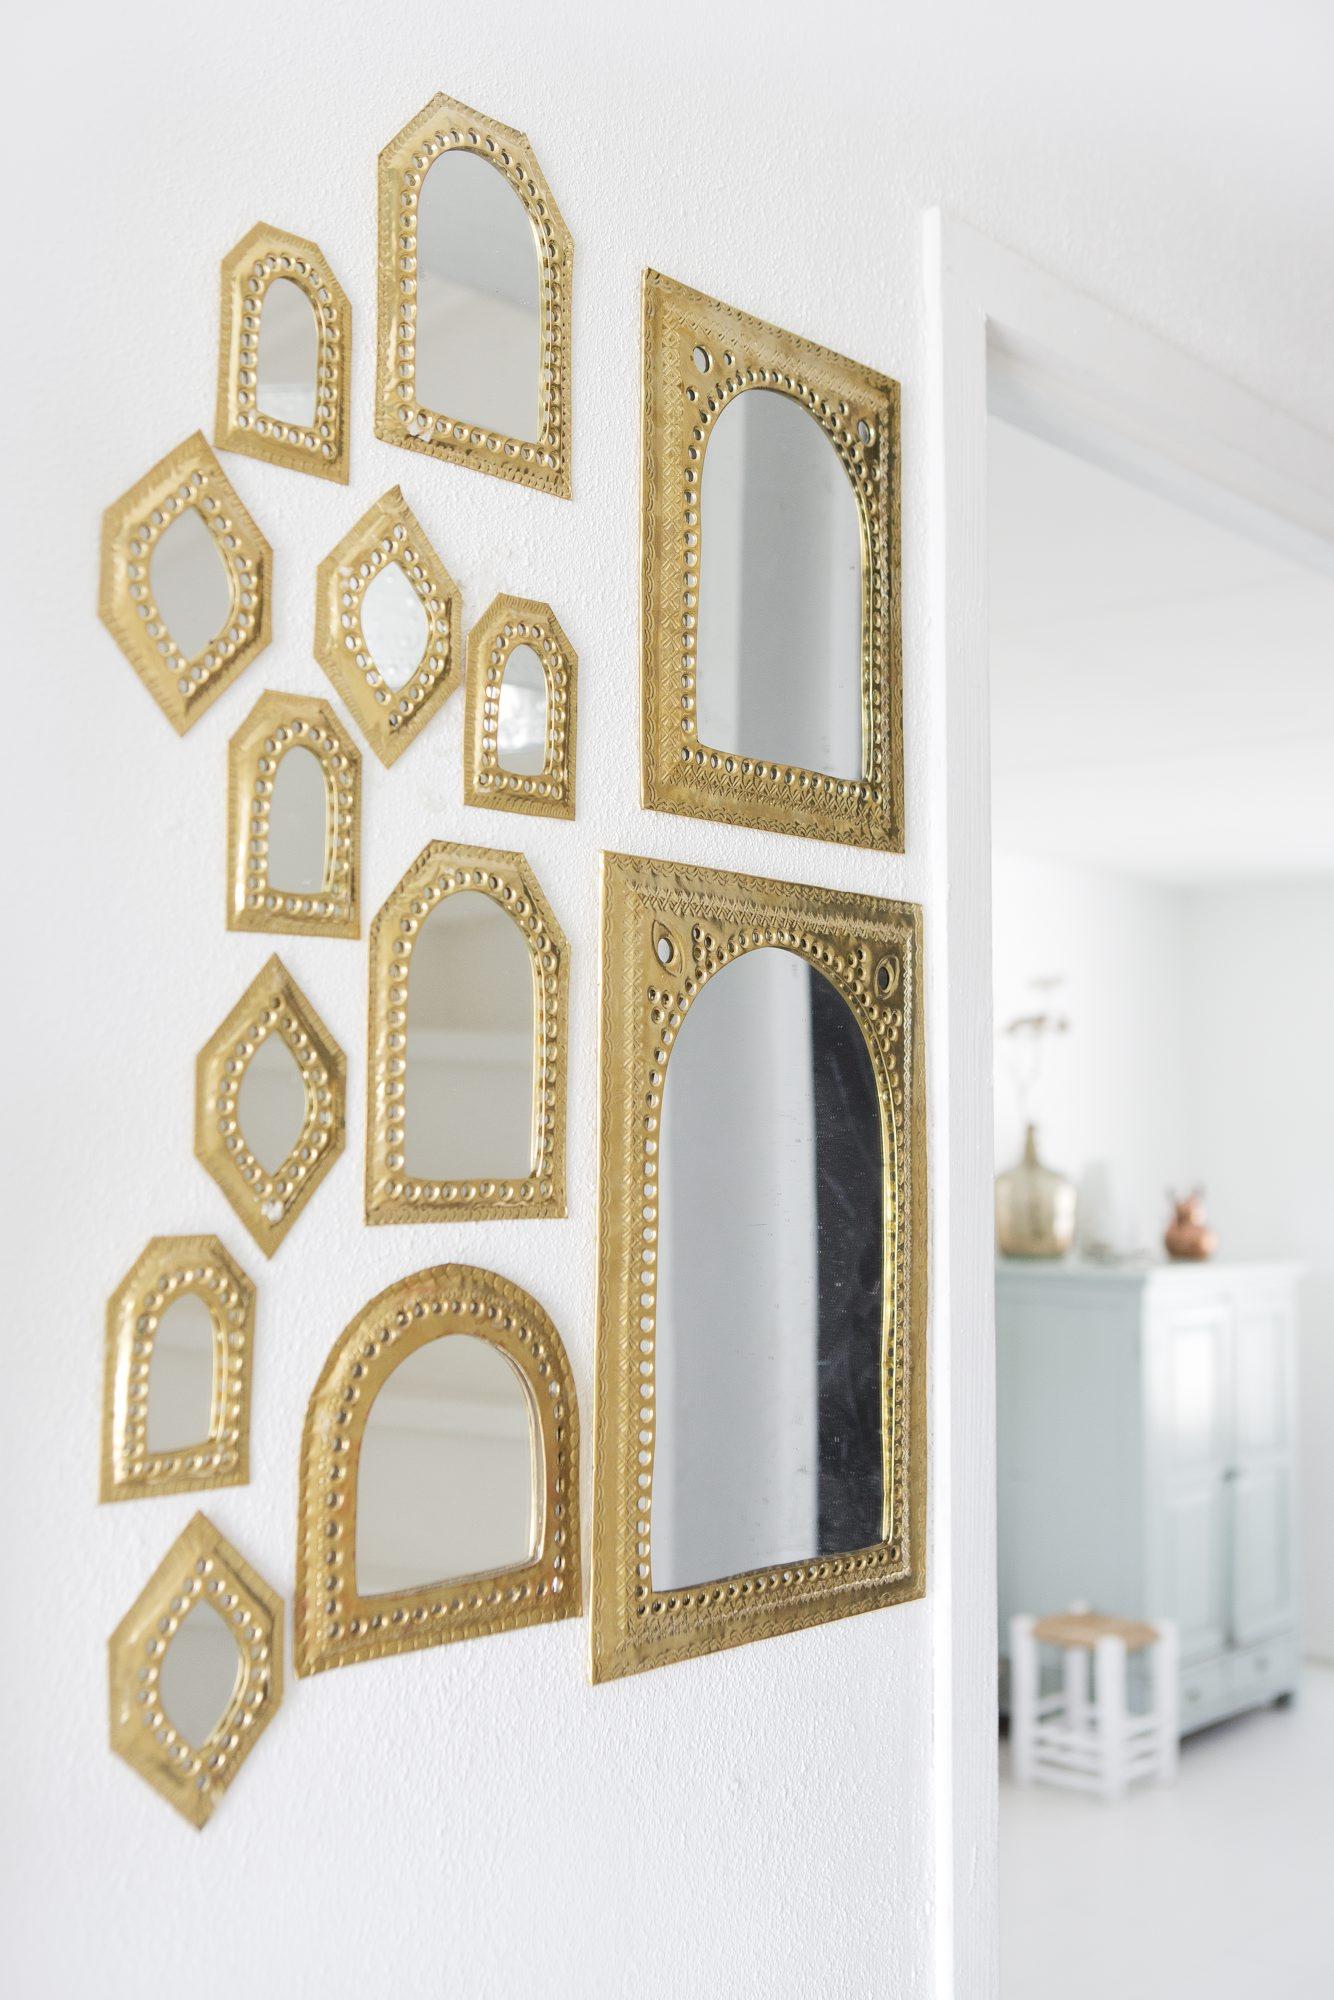 Mur de miroirs dorés